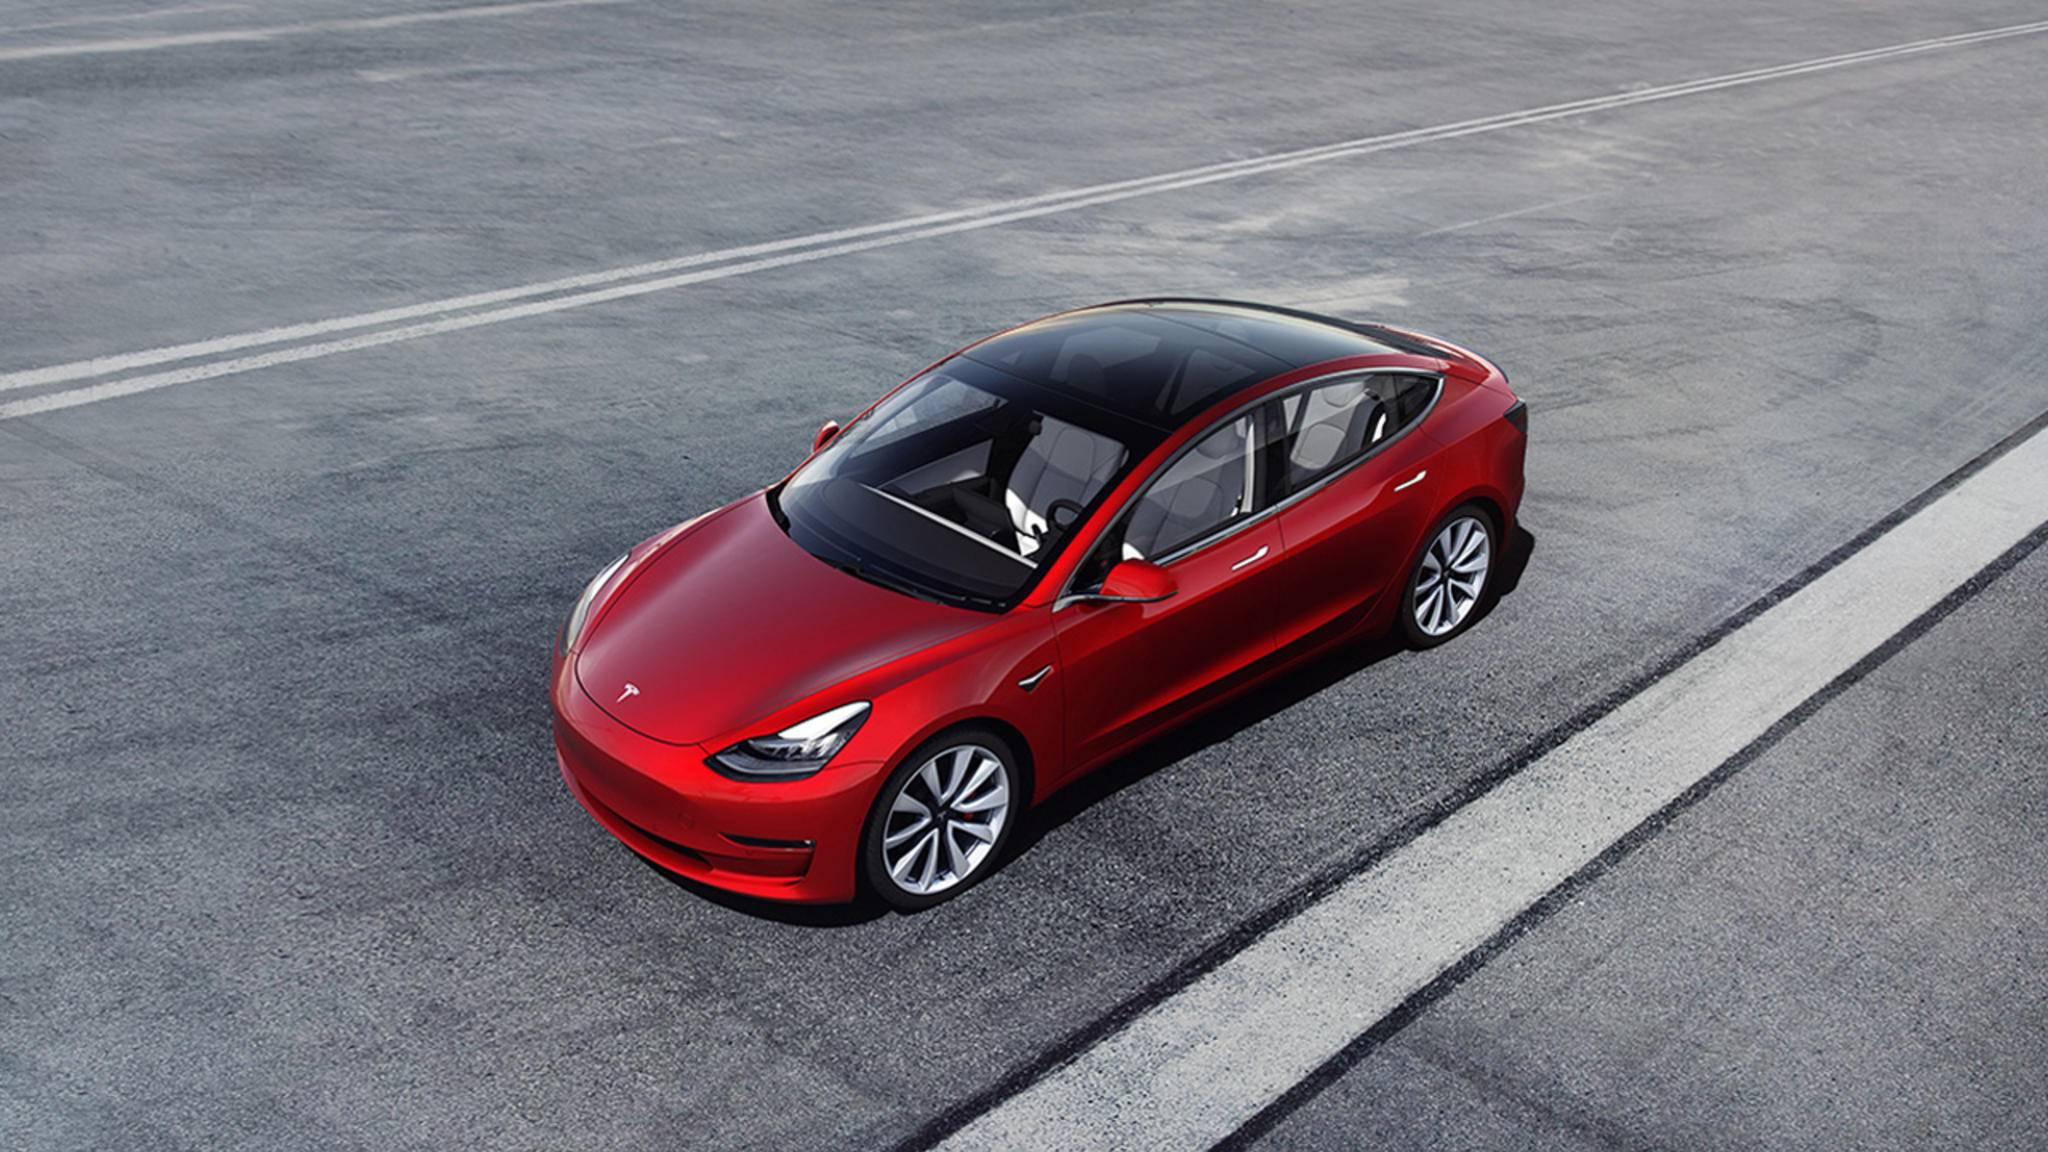 Dein Tesla macht bald Monty-Python-Geräusche beim Fahren